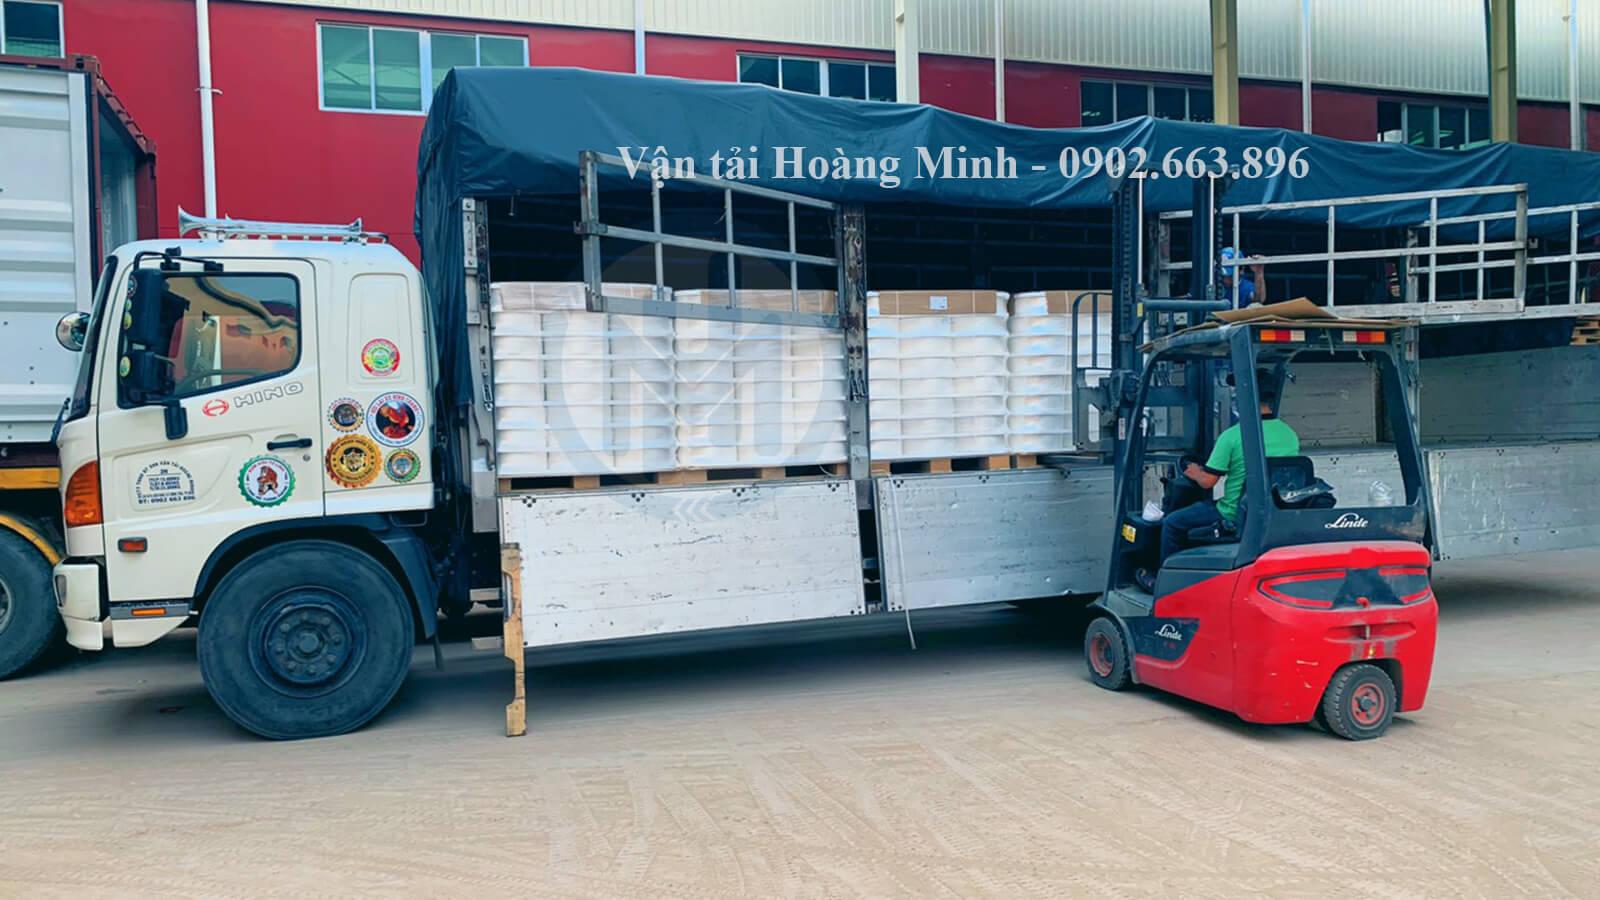 Vận tải Hoàng Minh cung cấp xe tải chở hàng Quận 8 có kích thước như thế nào